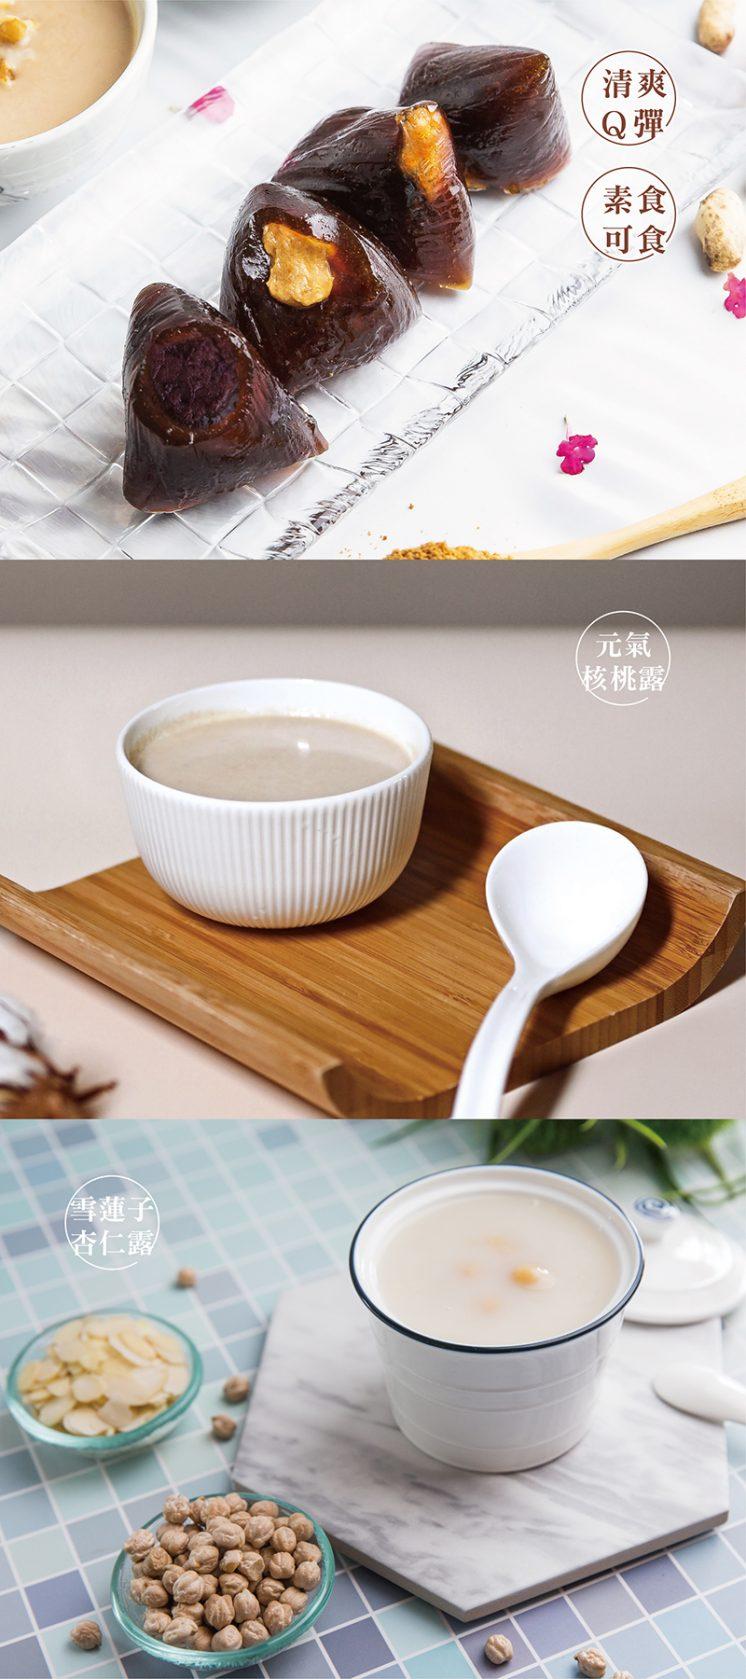 喜憨兒社會福利基金會-粽夏端午黑糖冰粽+甜湯